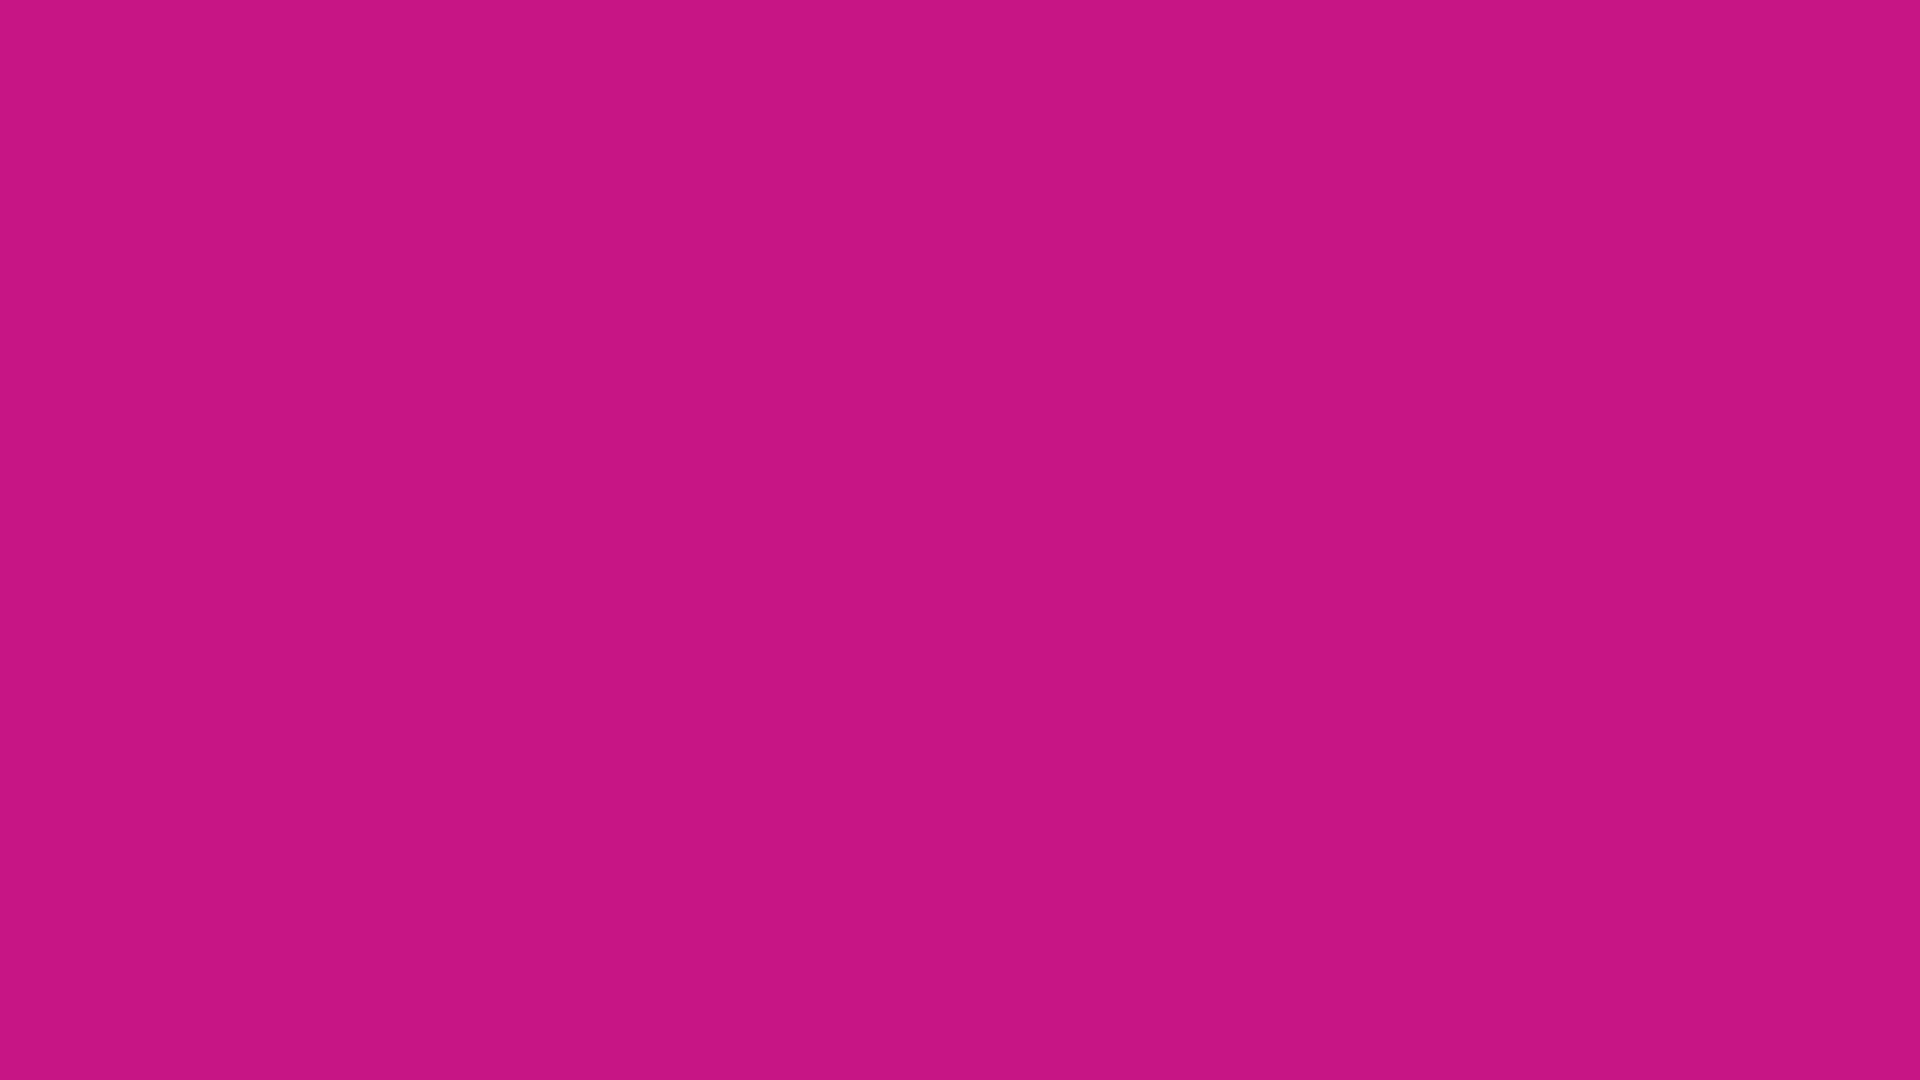 1920x1080 Medium Violet-red Solid Color Background